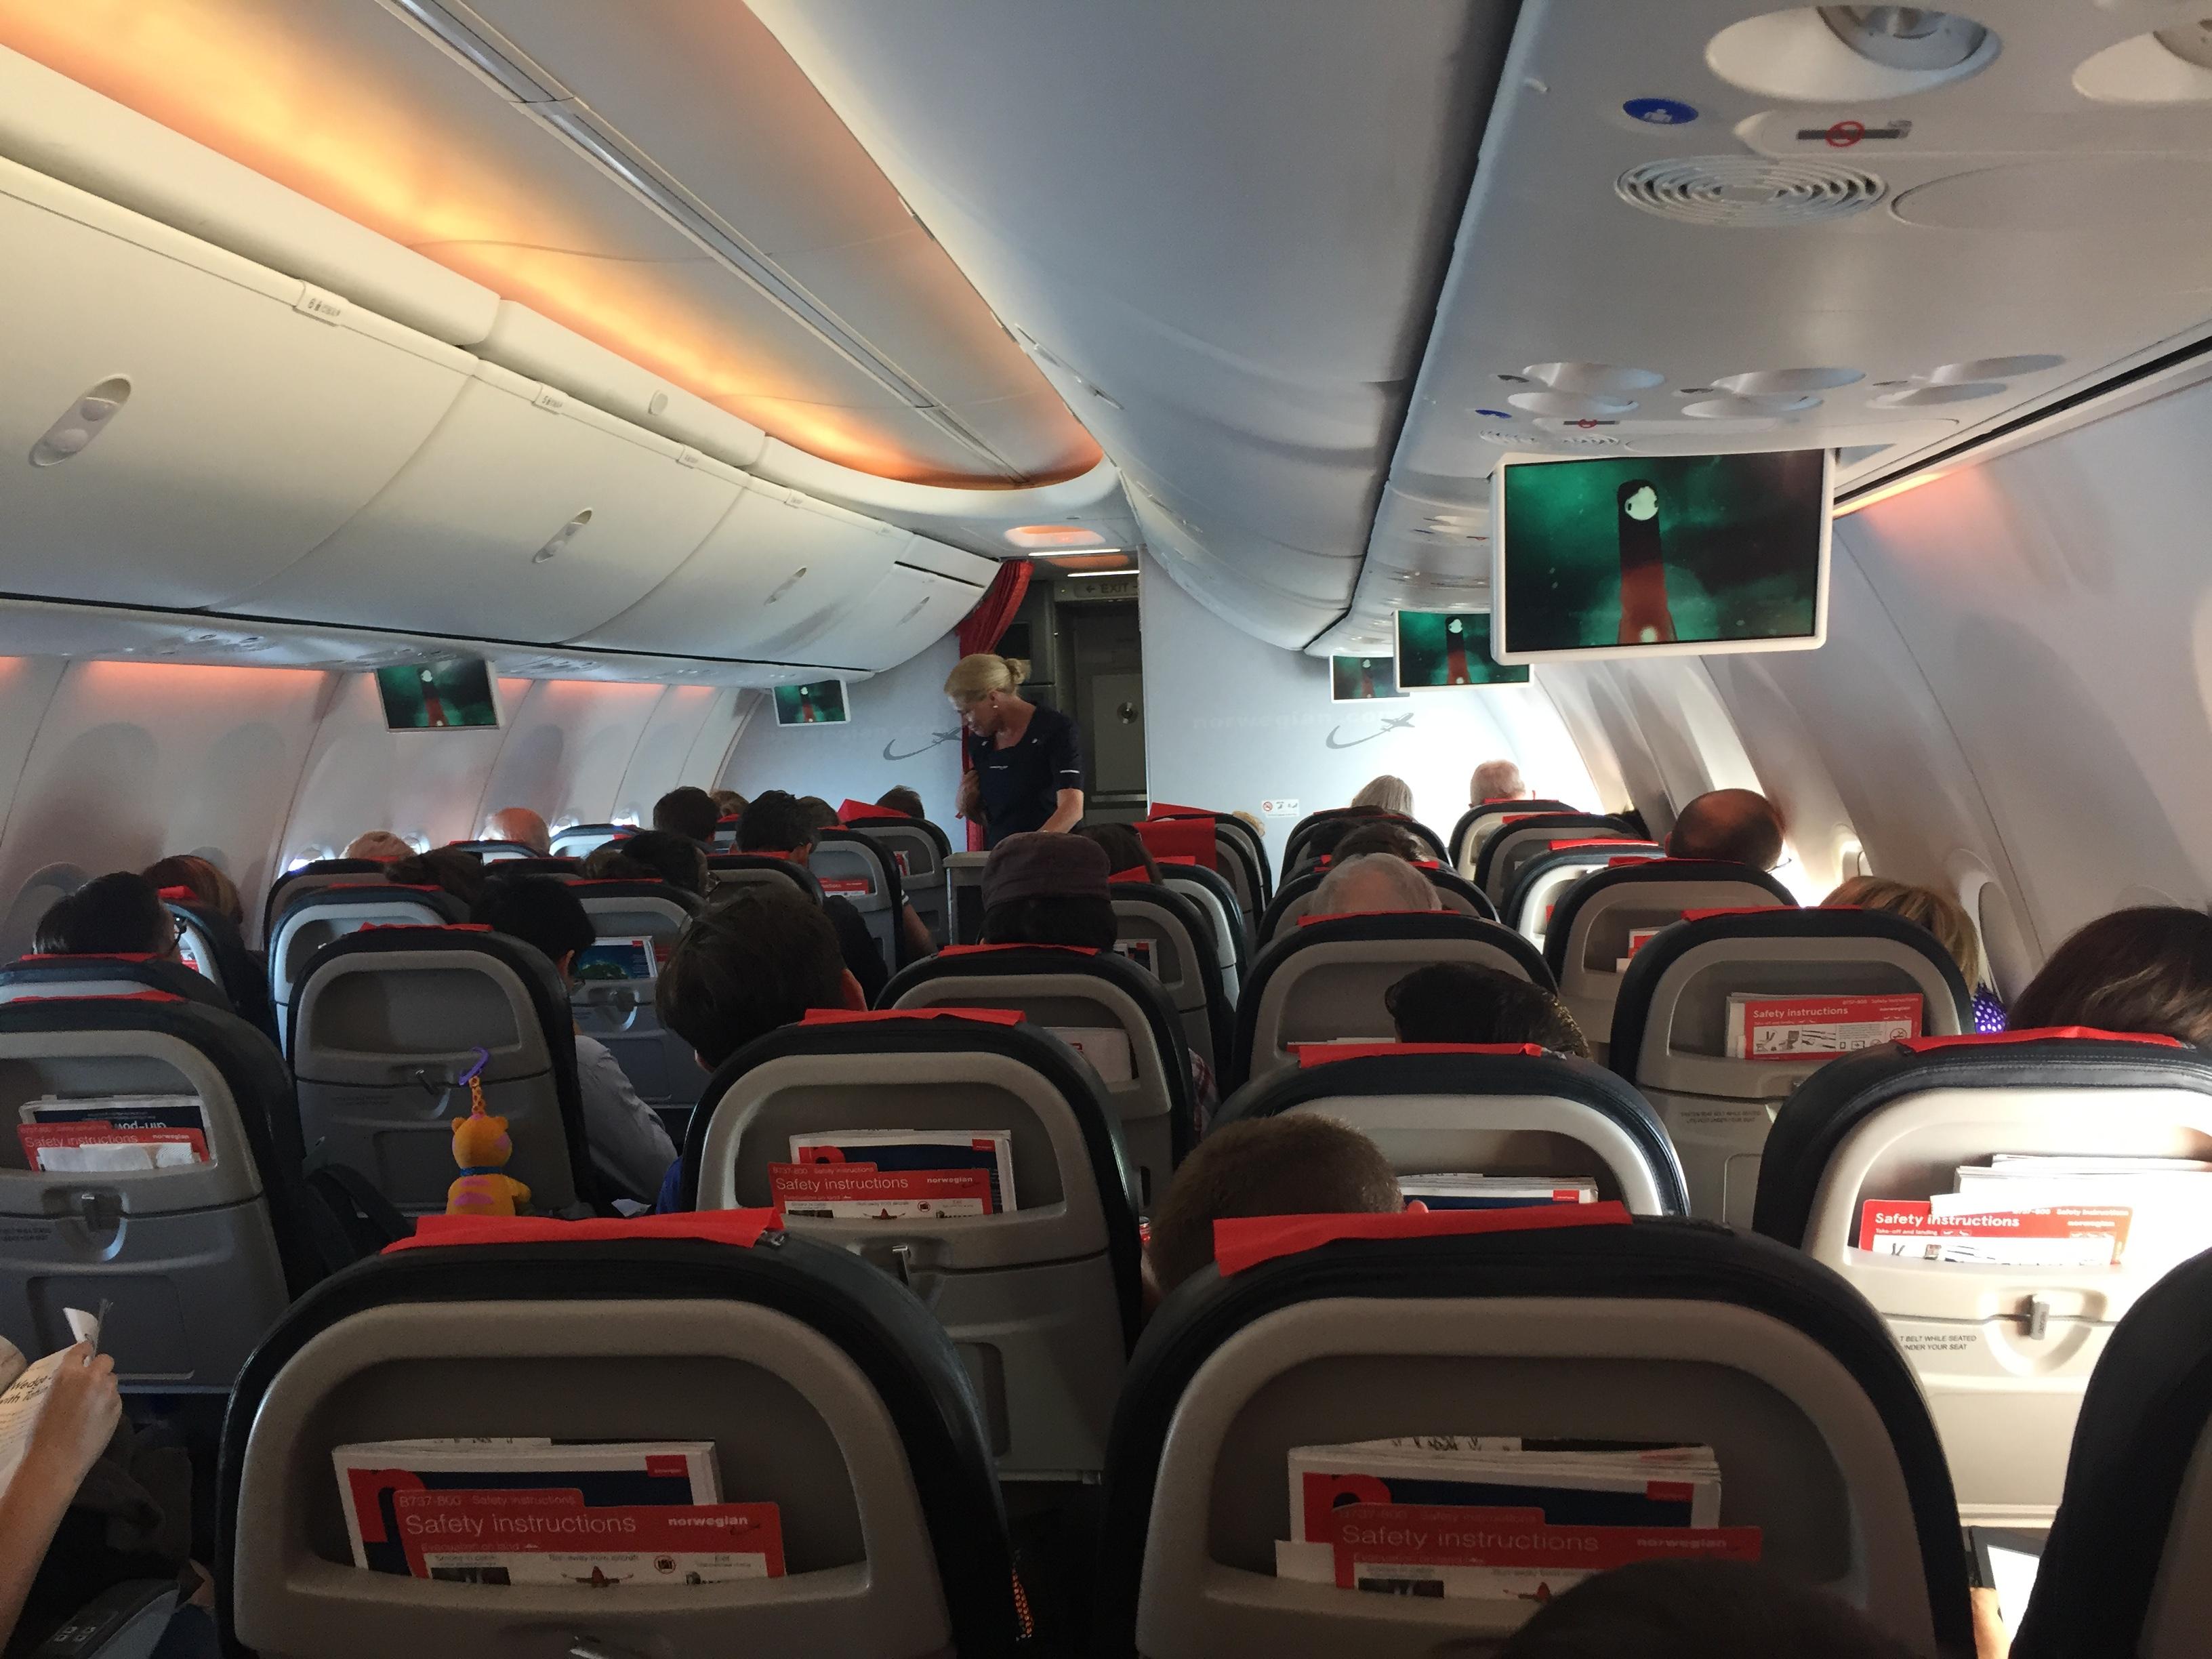 Kabinen i Boeing 737-800-flyet fra Københavns Lufthavn til Amsterdam Schiphol. Foto: Danny Longhi Andreasen